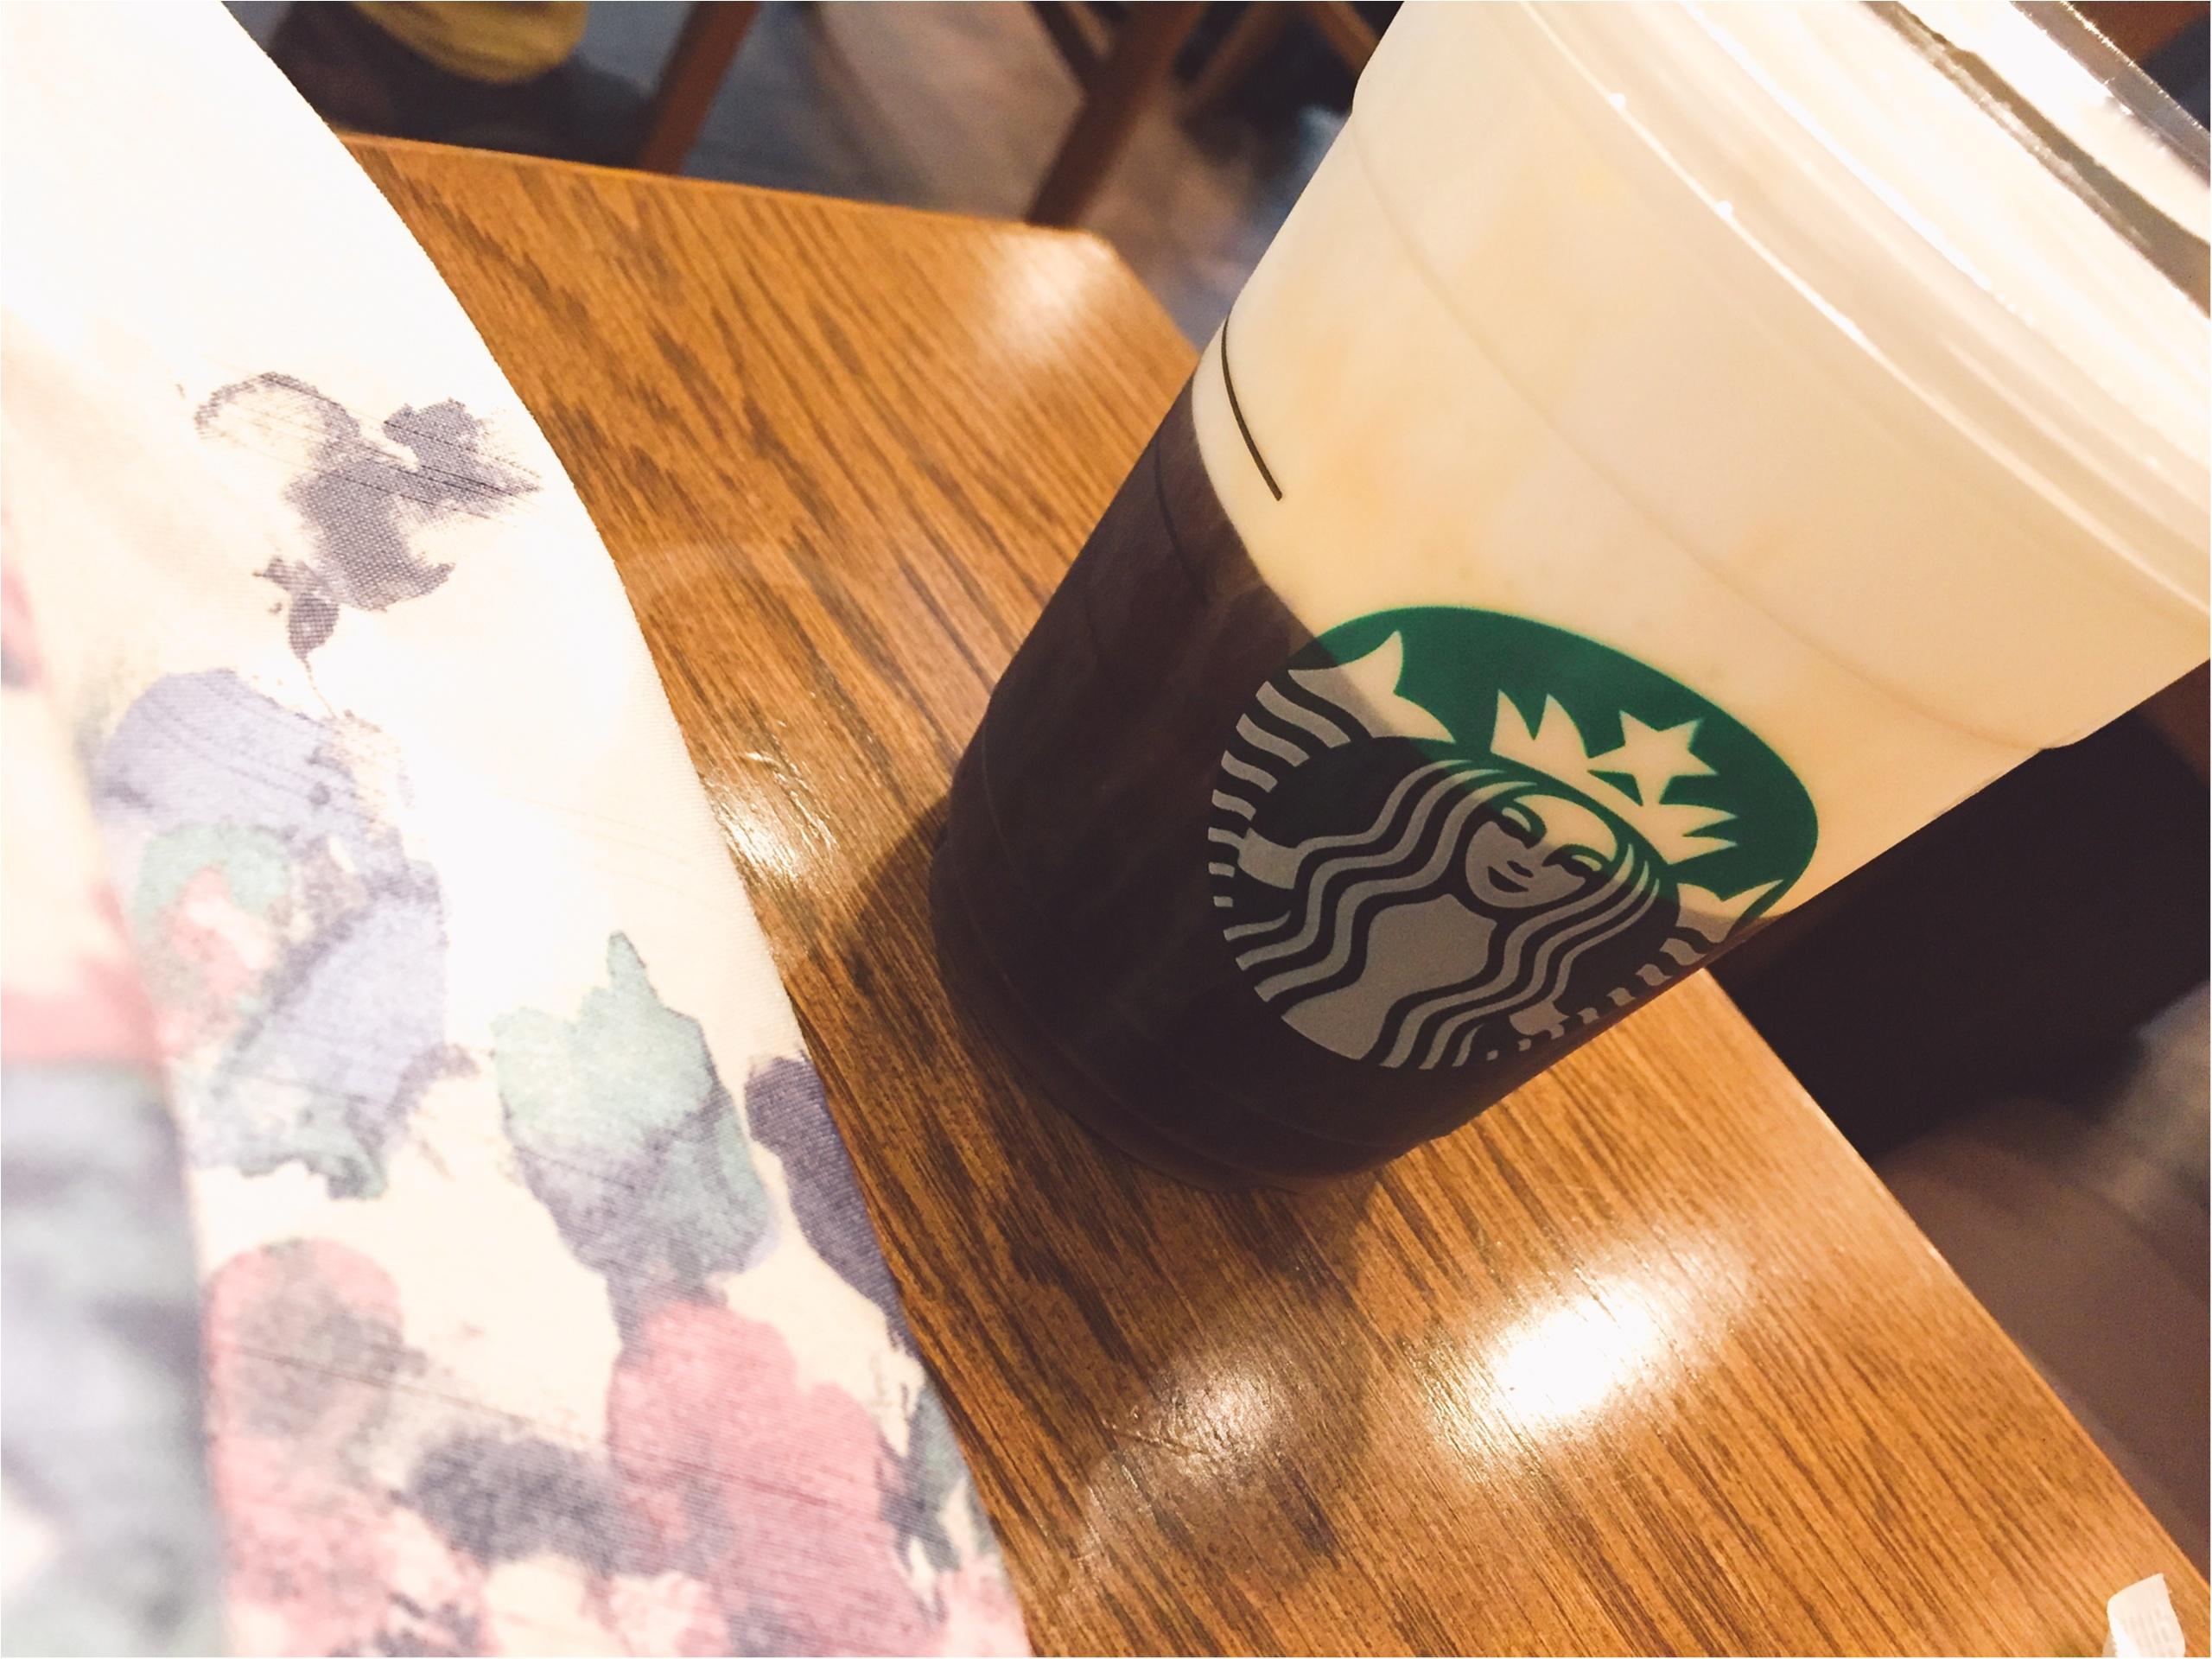 【スタバ】ブラック派でも楽しめるアレンジコーヒー!コールドブリュー ムース フォーム ヘーゼルナッツ☆_4